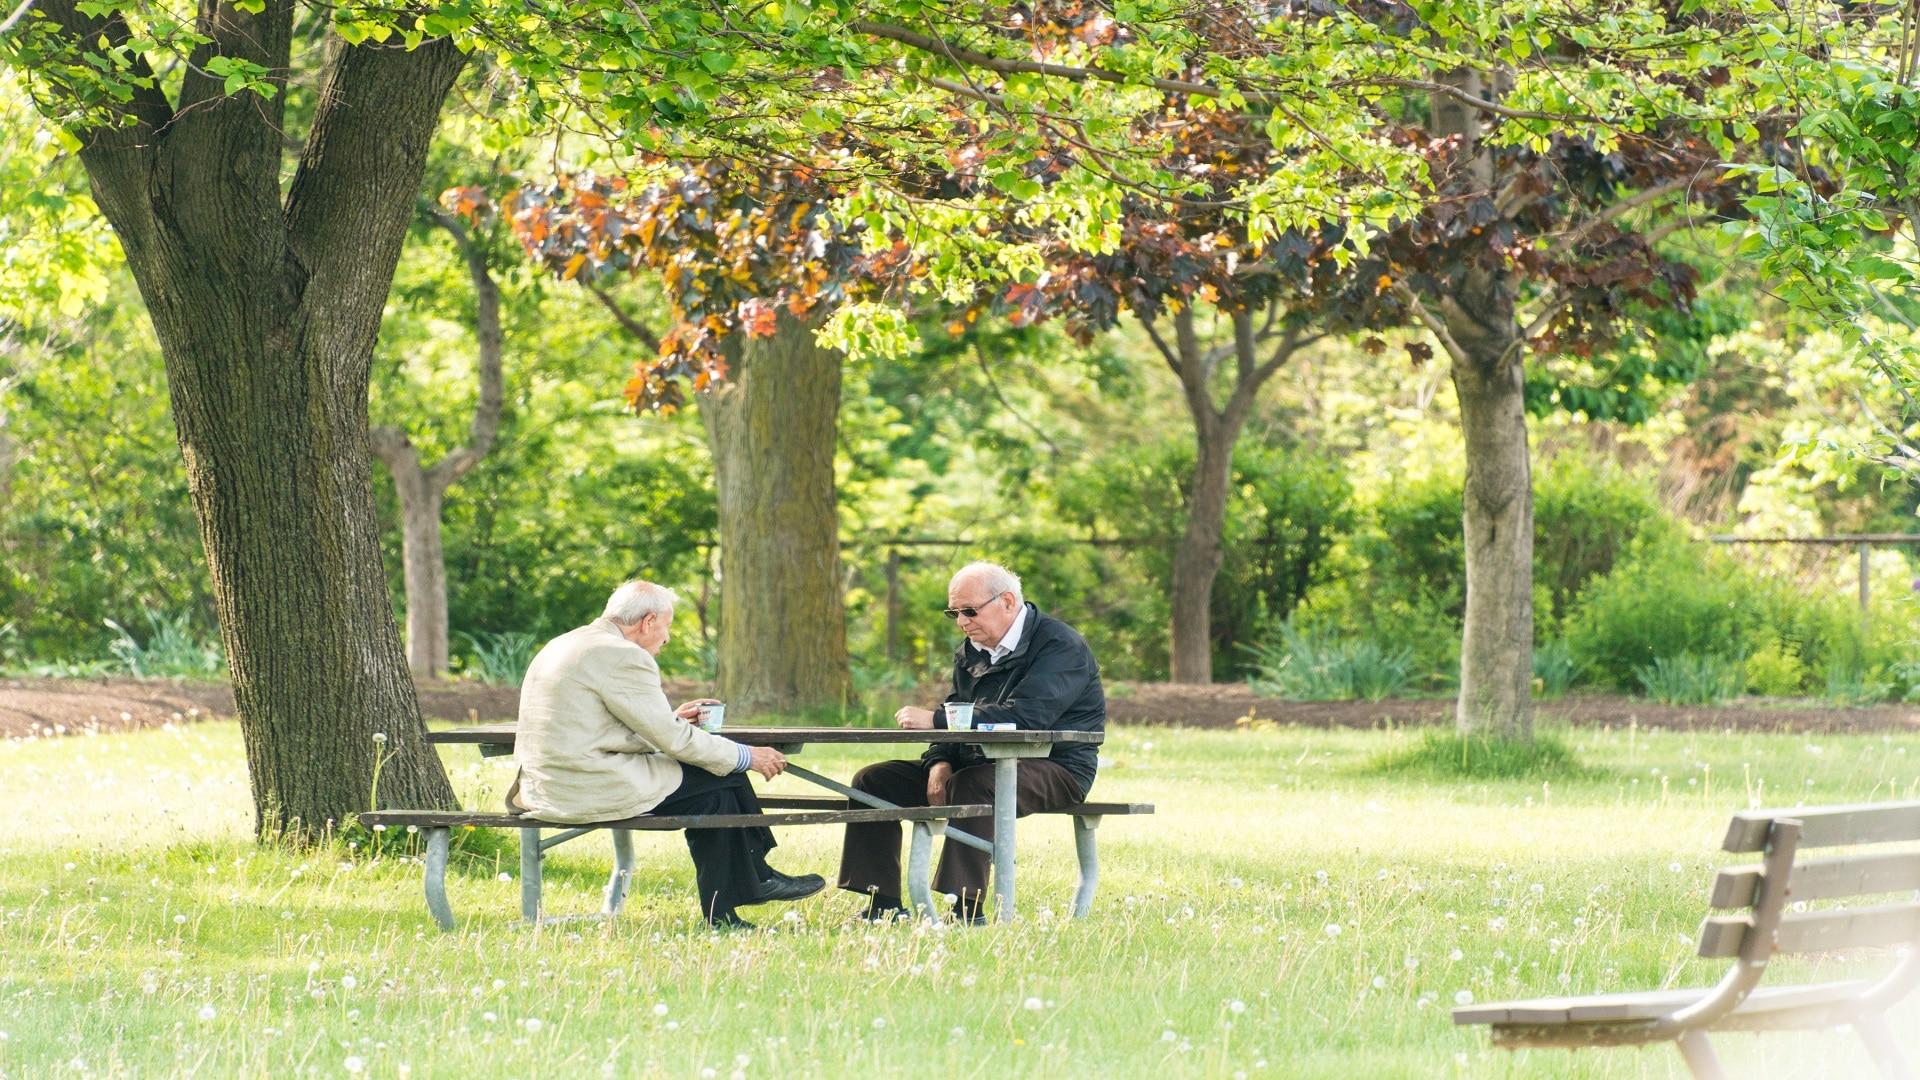 كندا تشيخ وربع سكانها من المتوقع أن يتجاوزوا سن التقاعد بحلول عام 2031